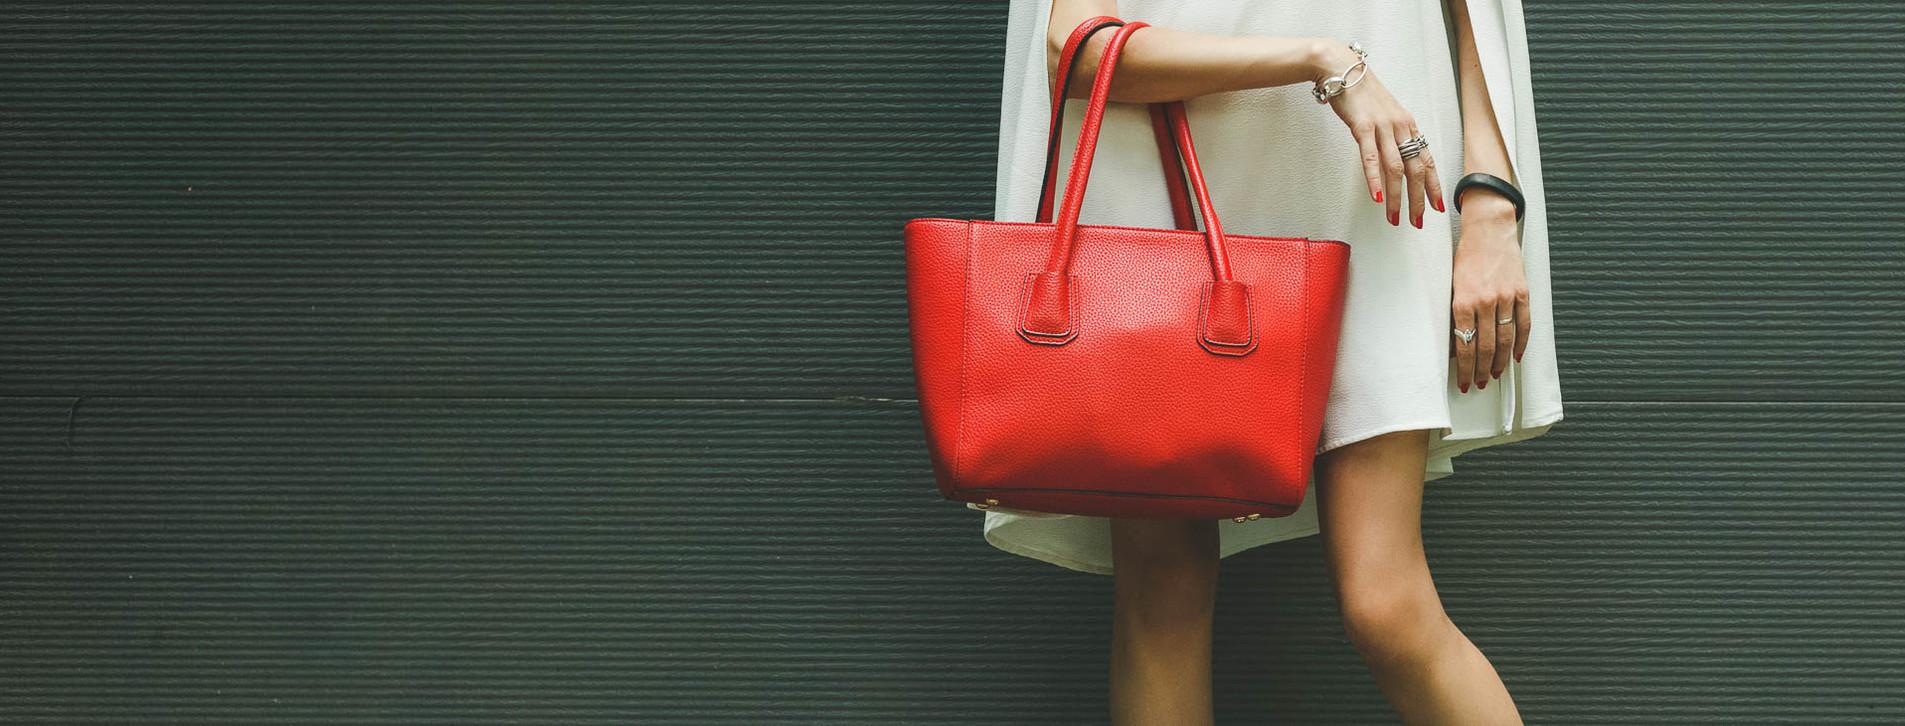 Фото - Индивидуальный пошив сумки